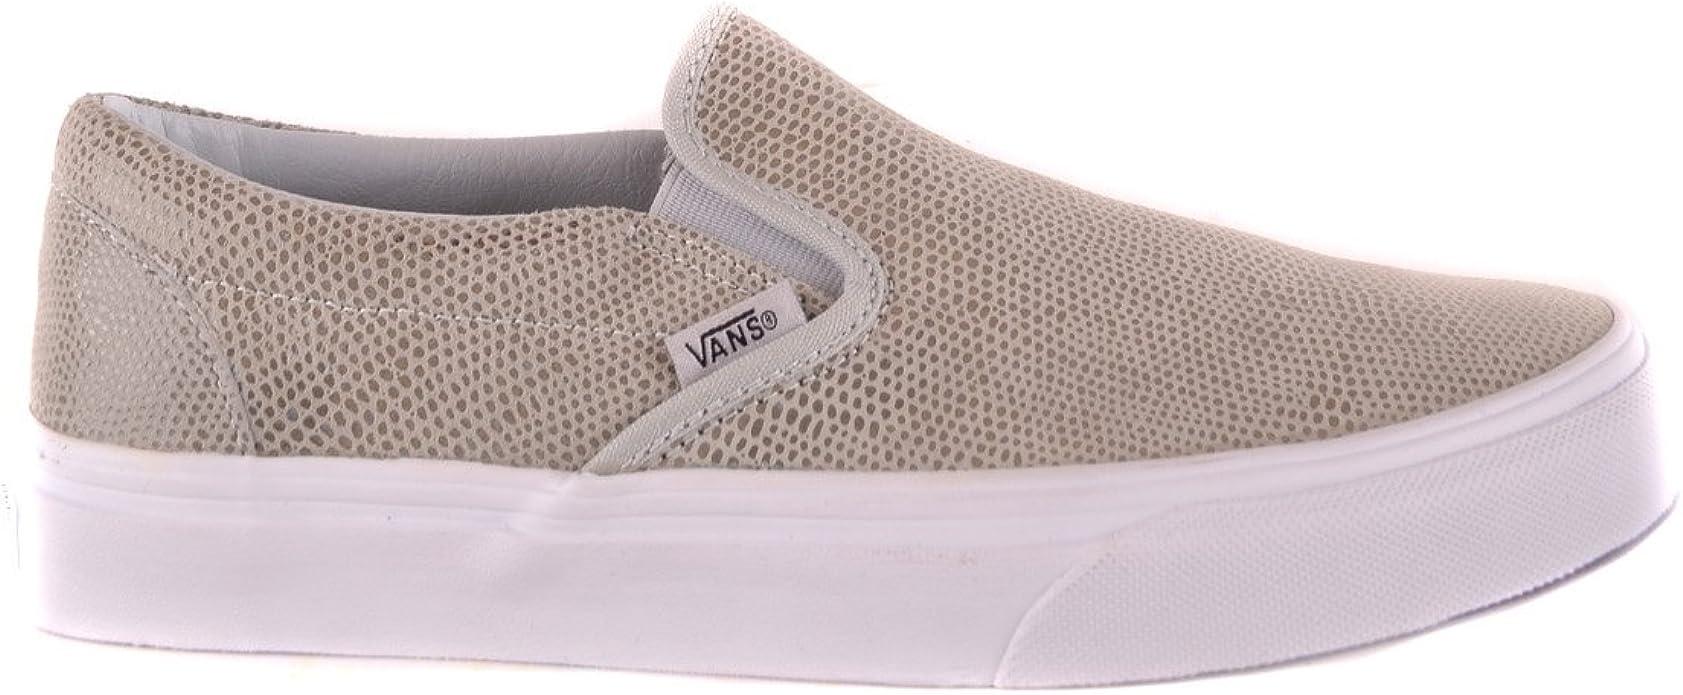 Vans Slip On Sneakers Donna Mcbi3061013o Camoscio Grigio : Amazon ...